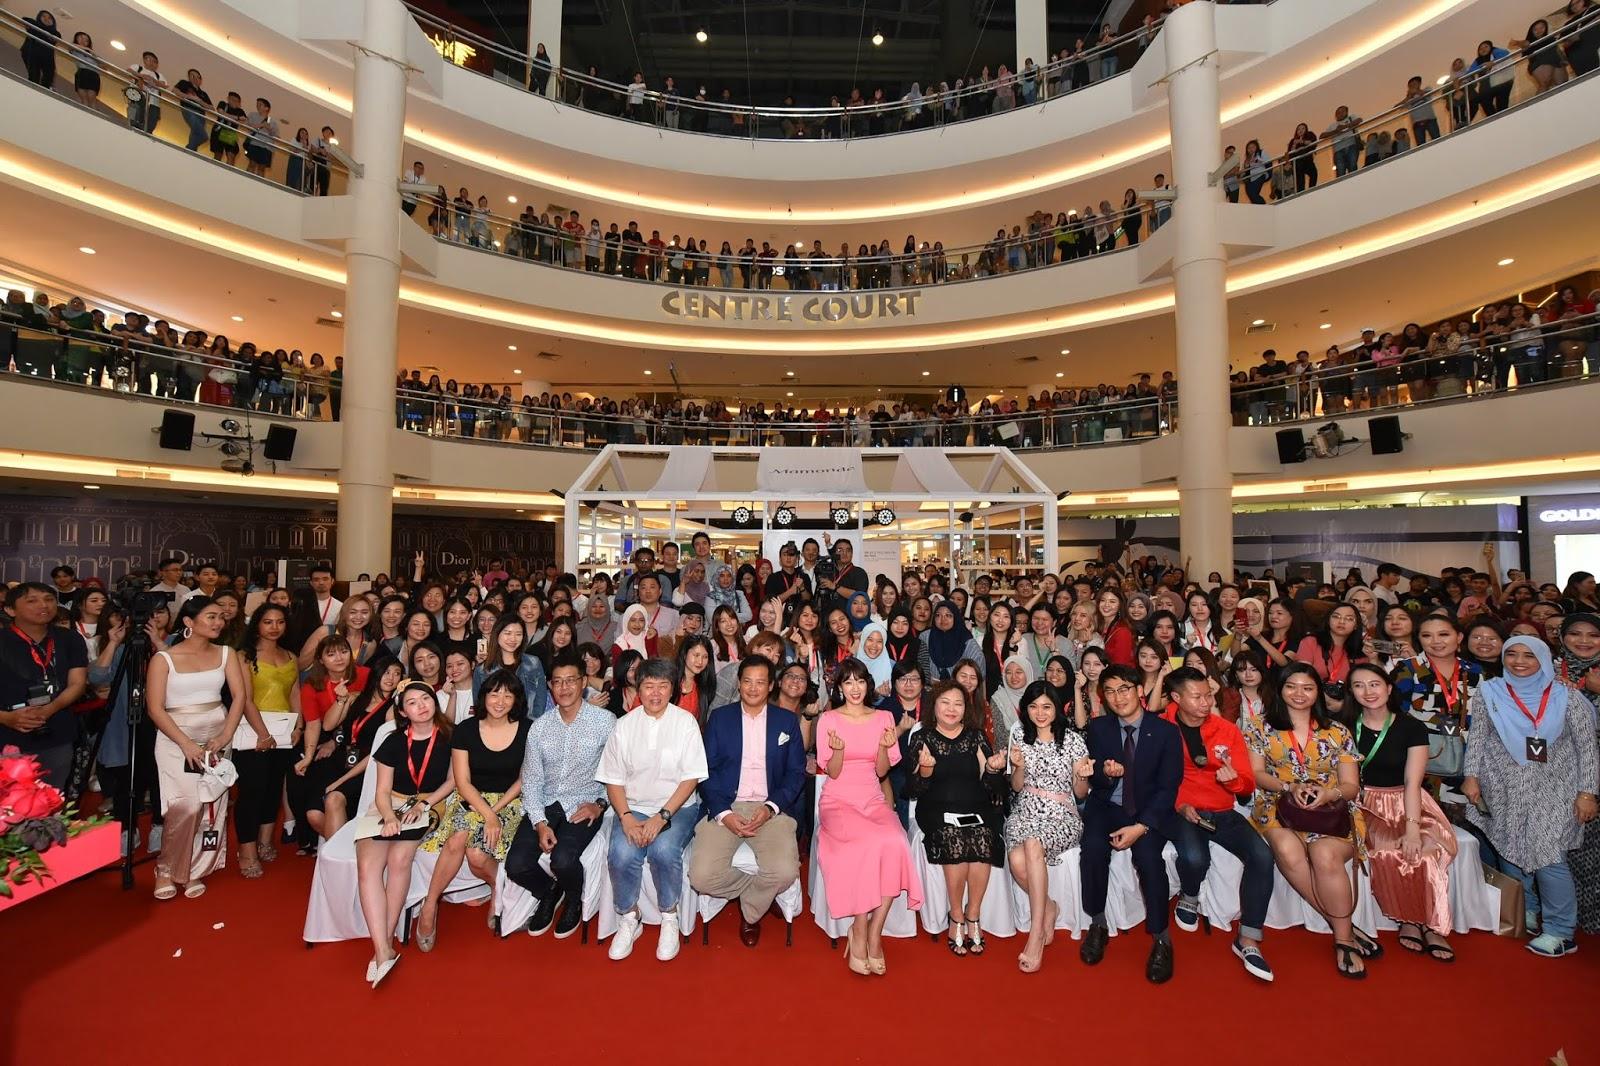 Super Pop Concert Music Festival in Philippines - kloseUP